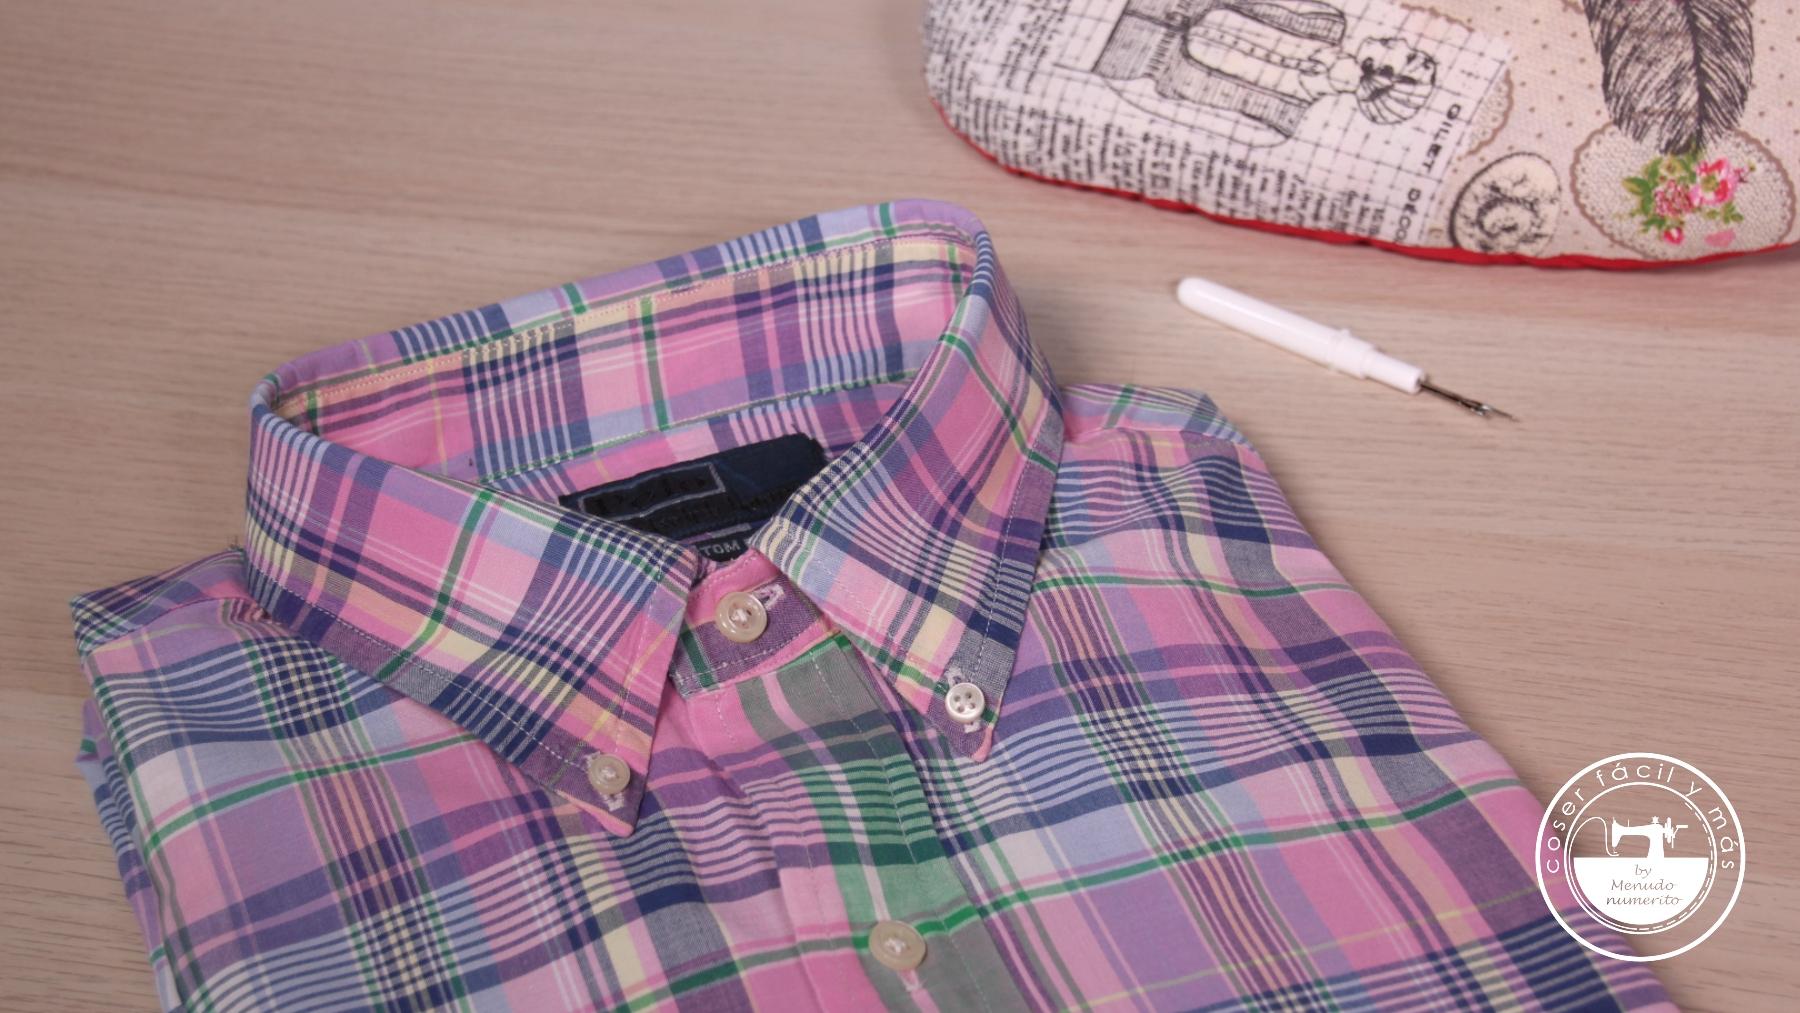 voltear cuello camisa menudo numerito blogs de costura